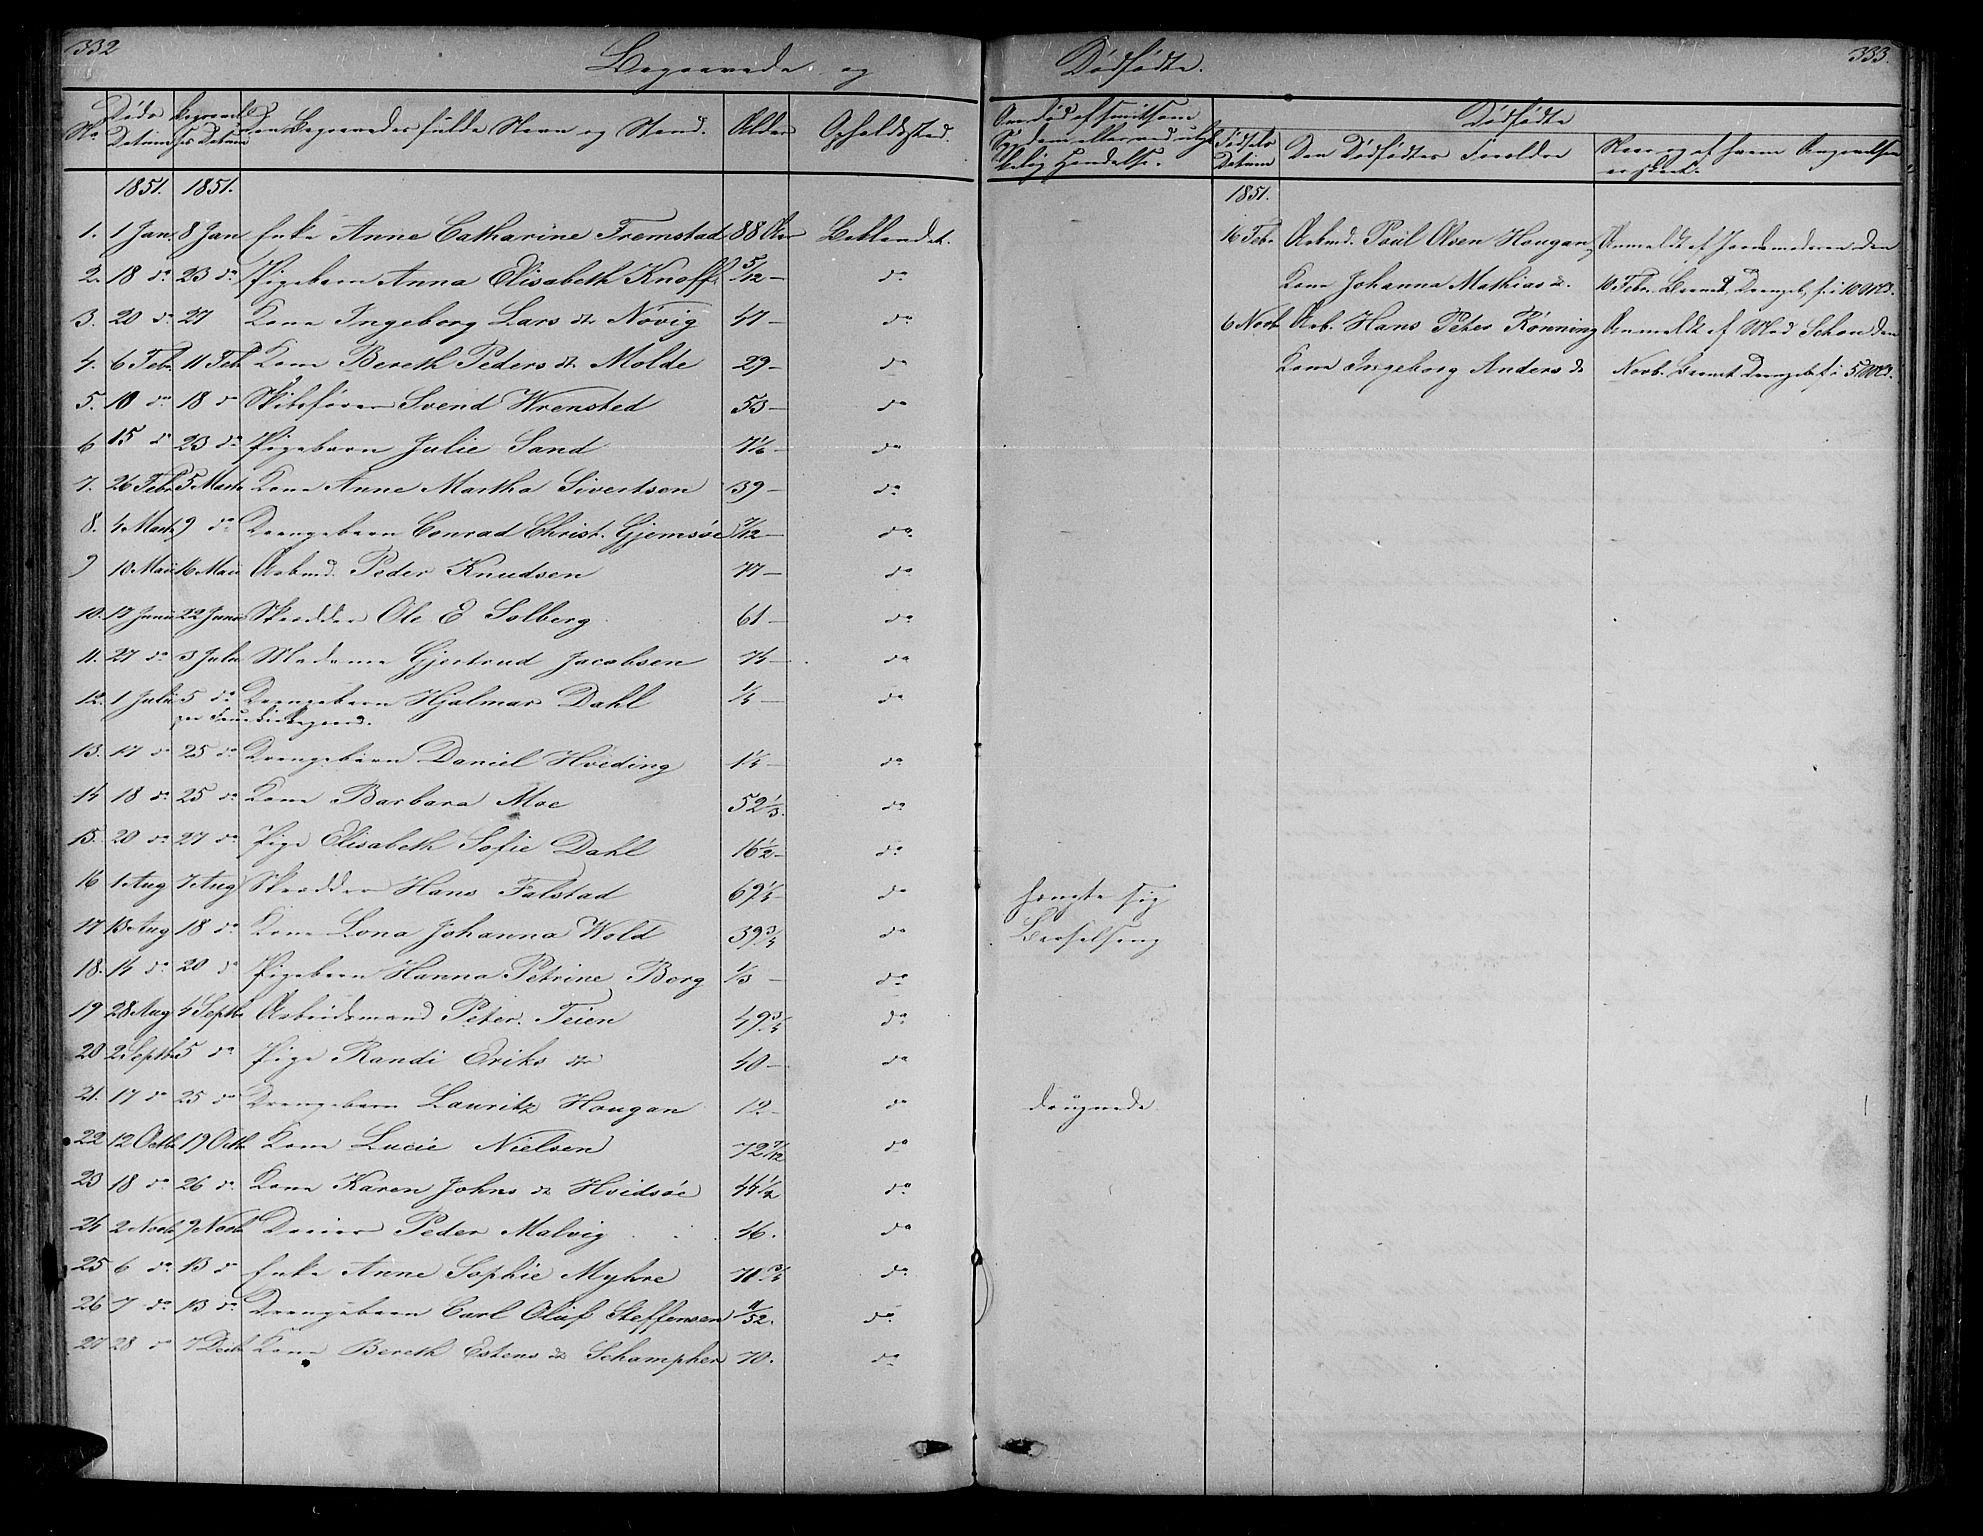 SAT, Ministerialprotokoller, klokkerbøker og fødselsregistre - Sør-Trøndelag, 604/L0219: Klokkerbok nr. 604C02, 1851-1869, s. 332-333